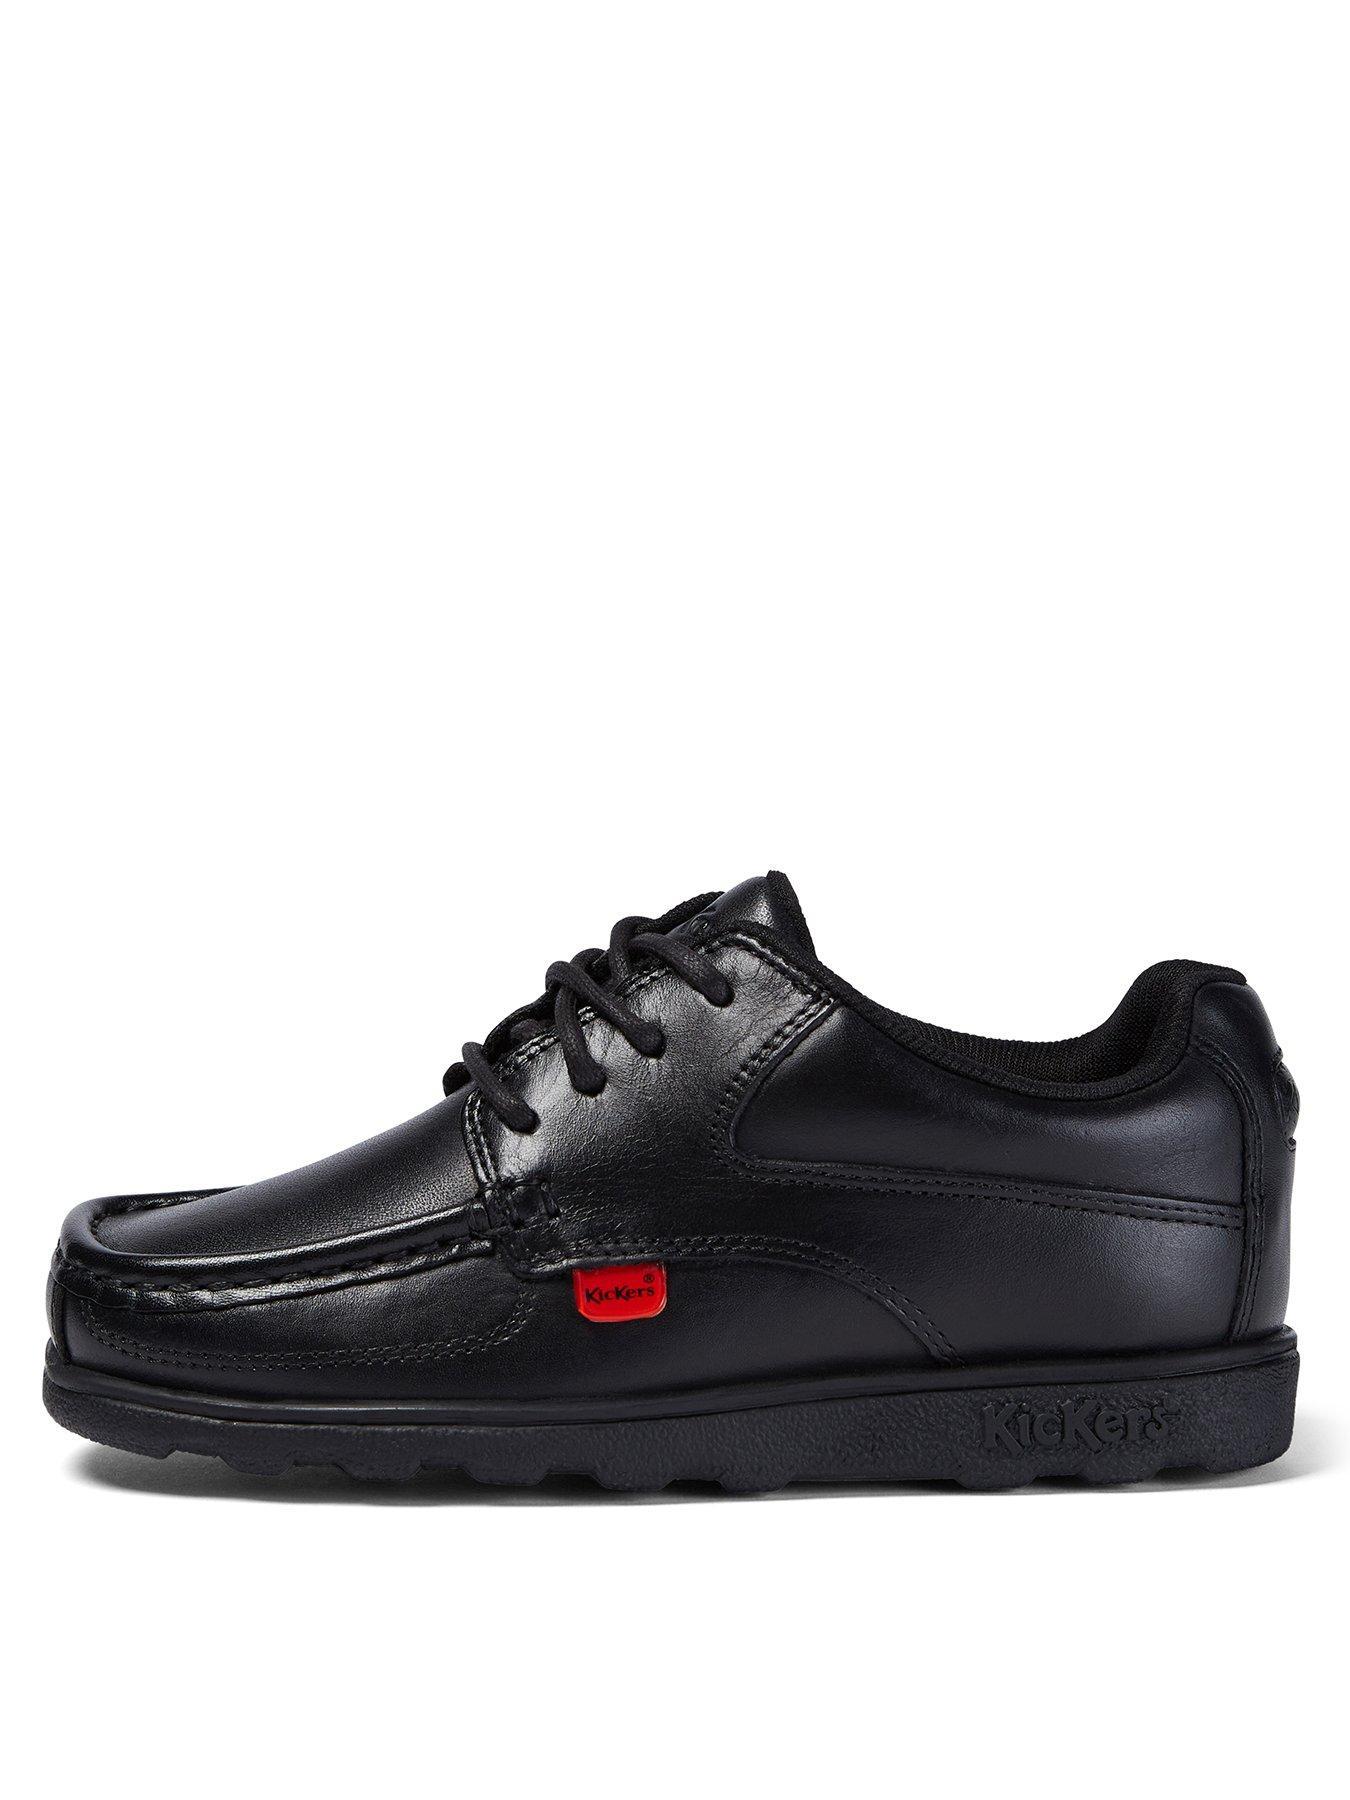 Boys Kickers Shoes   Boys Kickers Boots